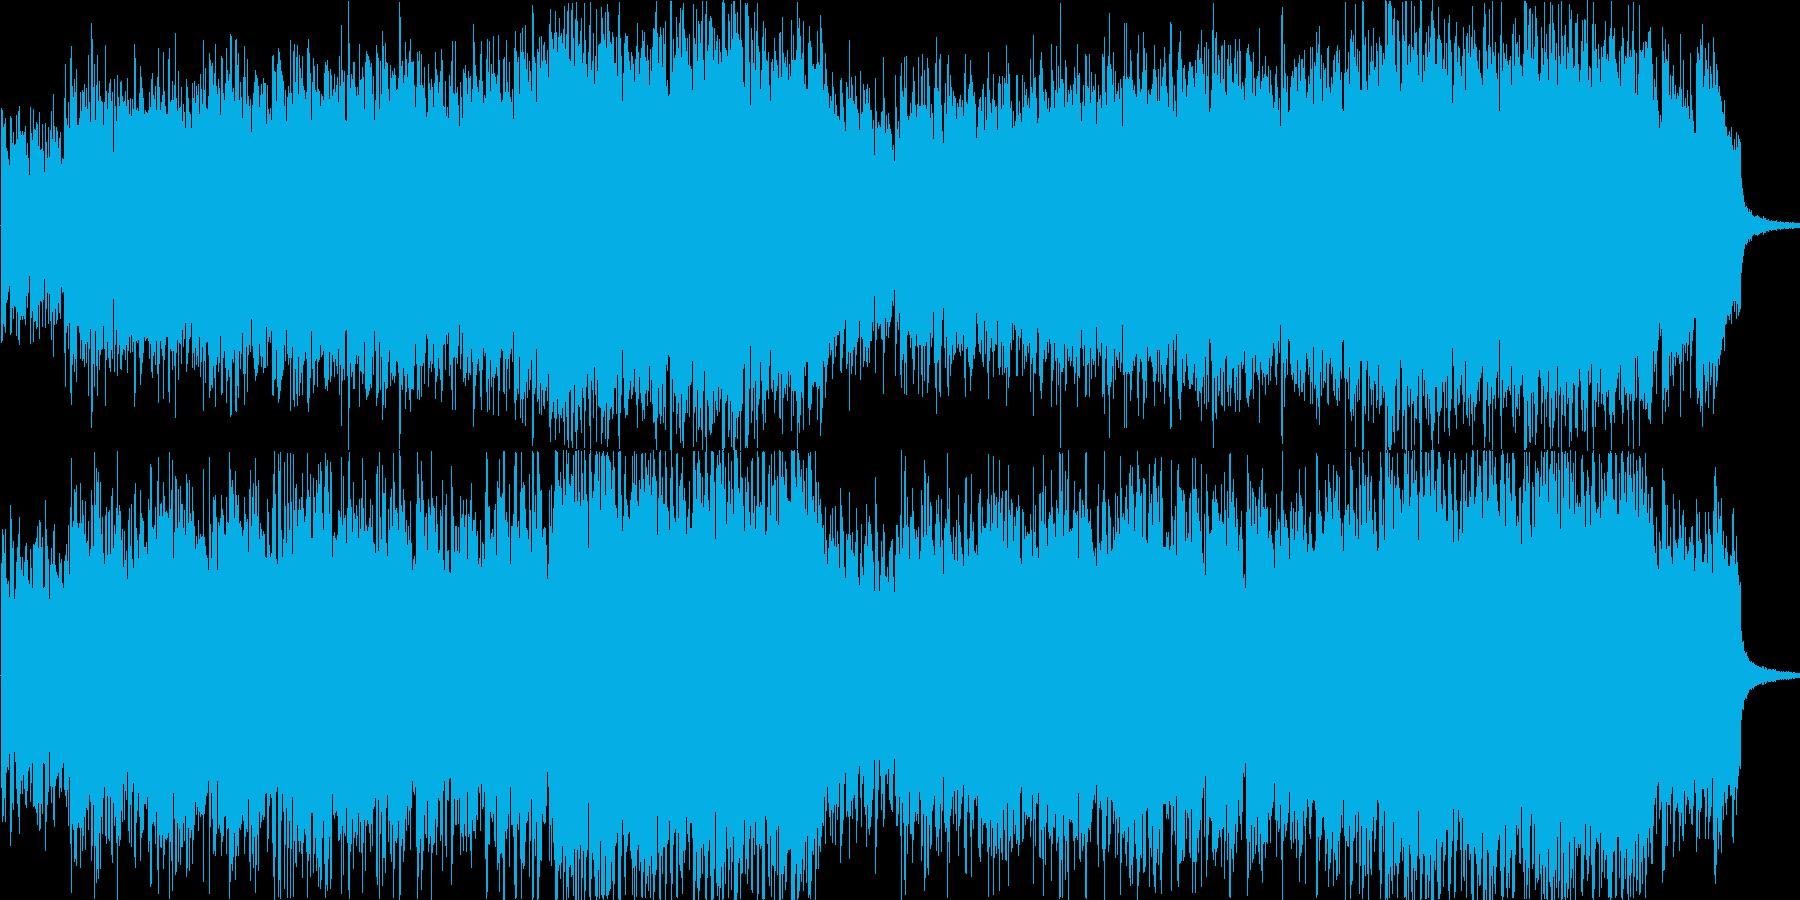 ジプシーの民族音楽風輪舞用オリジナル曲の再生済みの波形